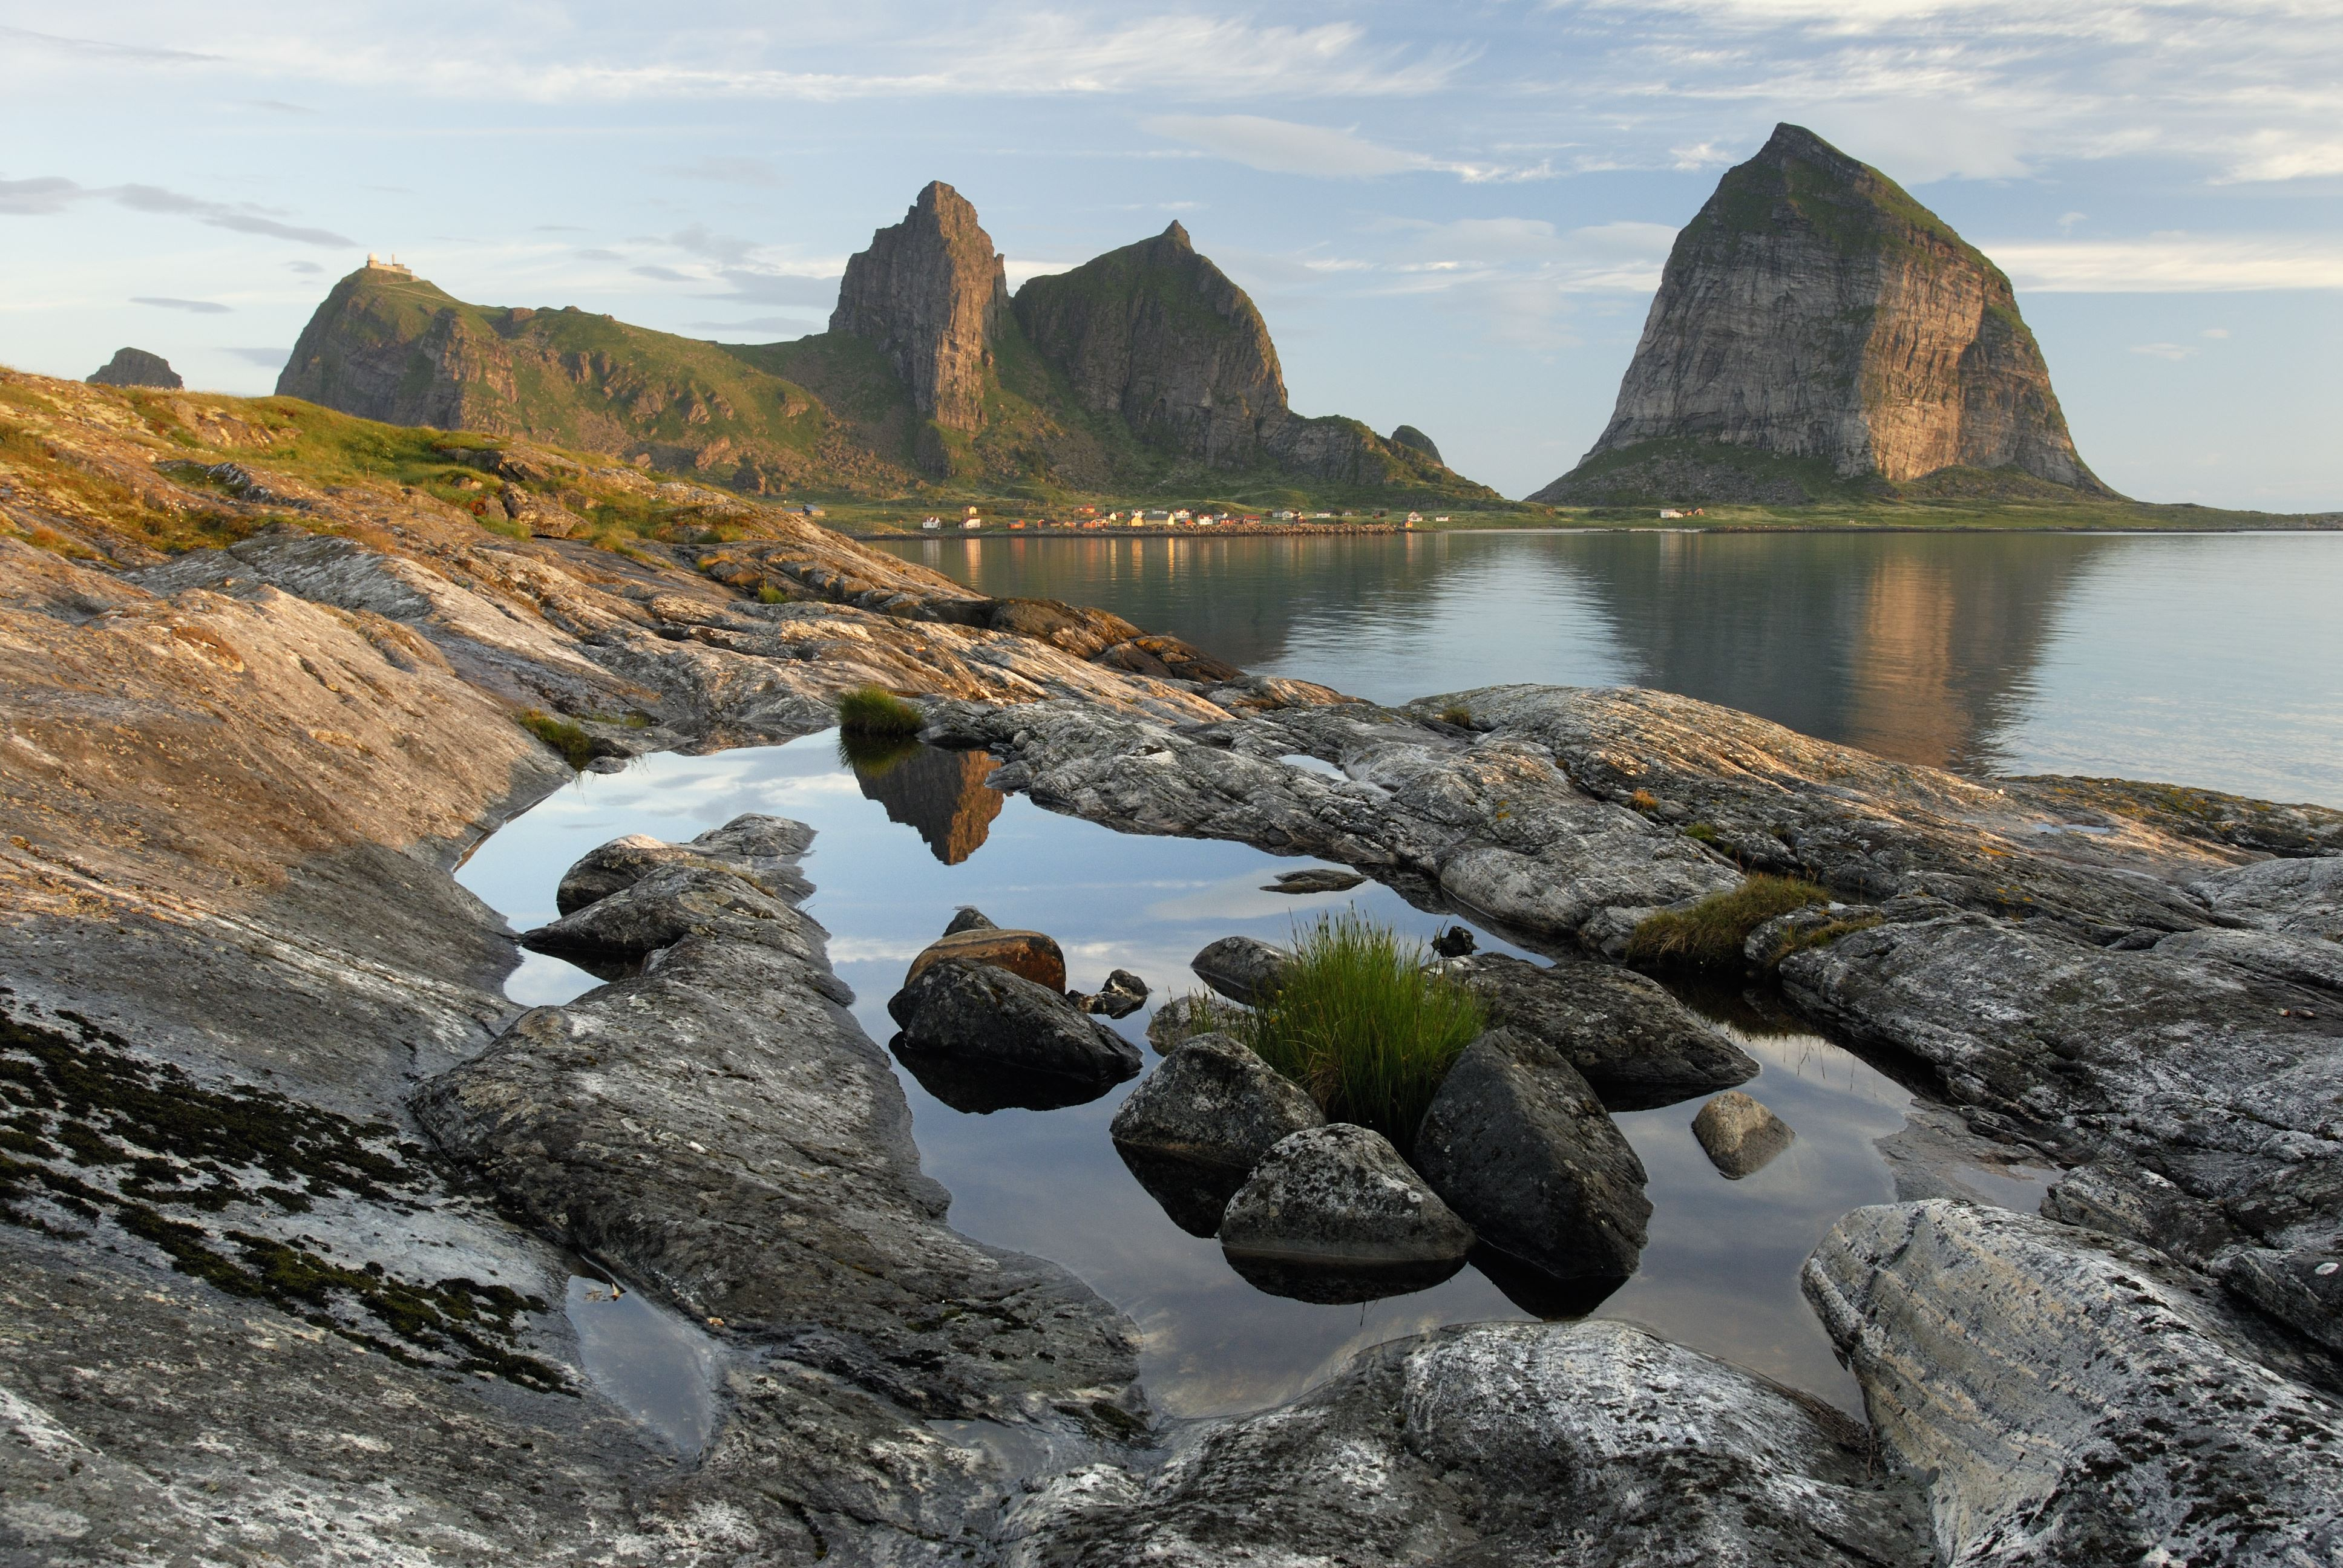 Orsoyla Haarberg,  VisitHelgeland,  © Orsoyla Haarberg, VisitHelgeland, Island Hopping in Northern Norway